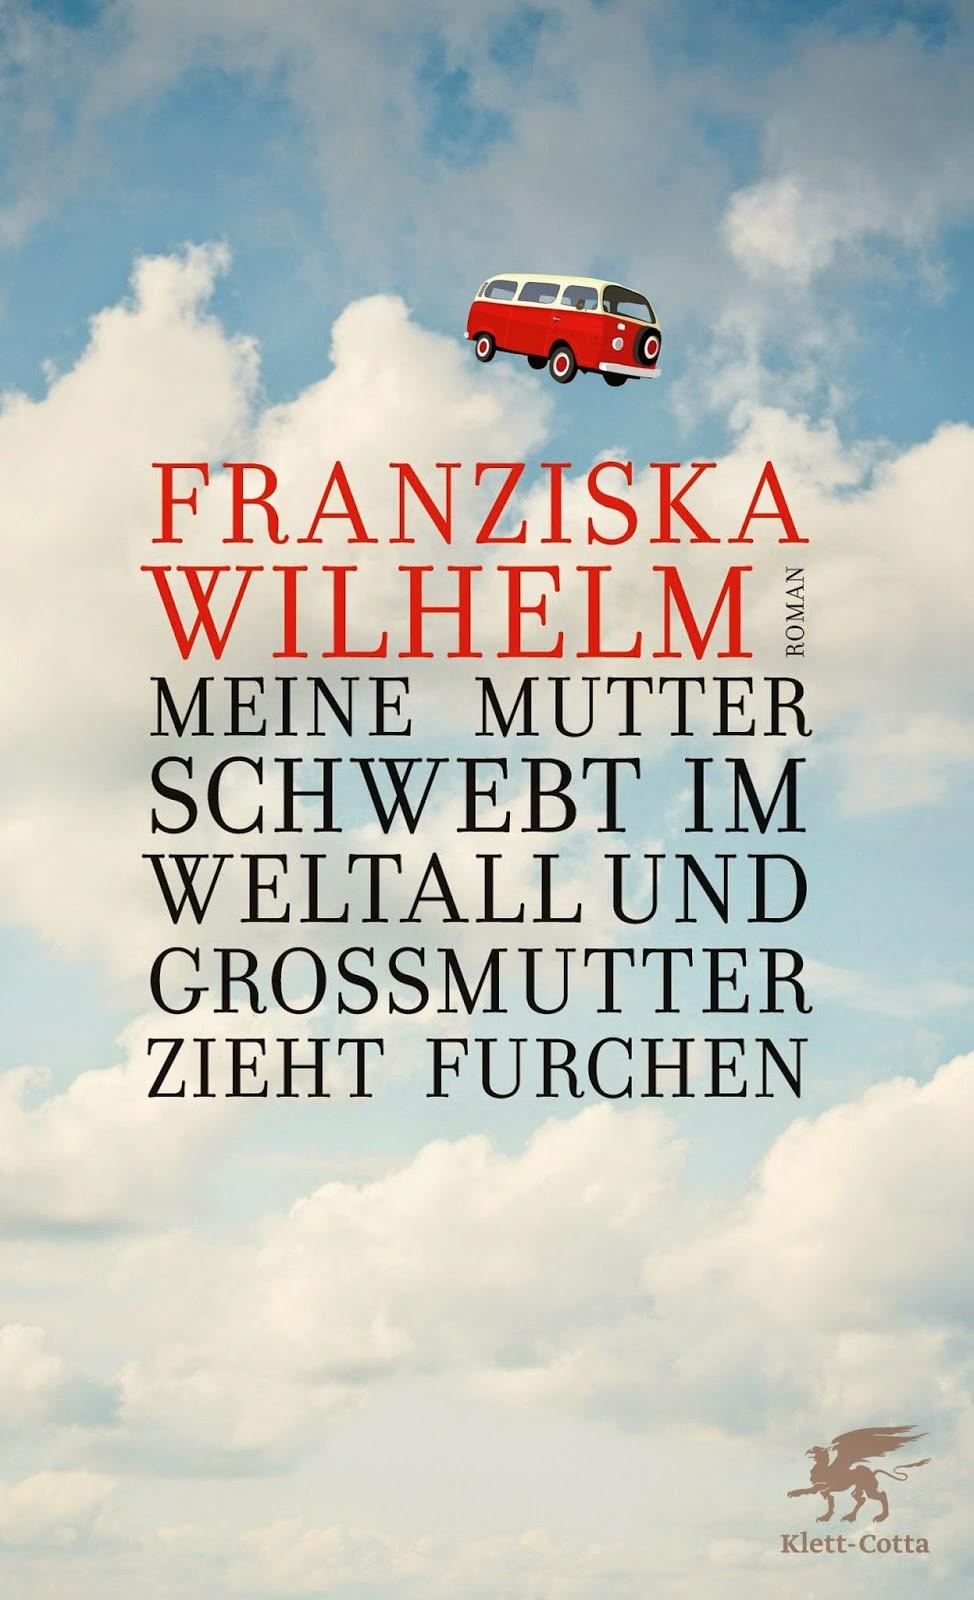 http://www.klett-cotta.de/buch/Gegenwartsliteratur/Meine_Mutter_schwebt_im_Weltall__und_Grossmutter_zieht_Furchen/35762#buch_beschreibung